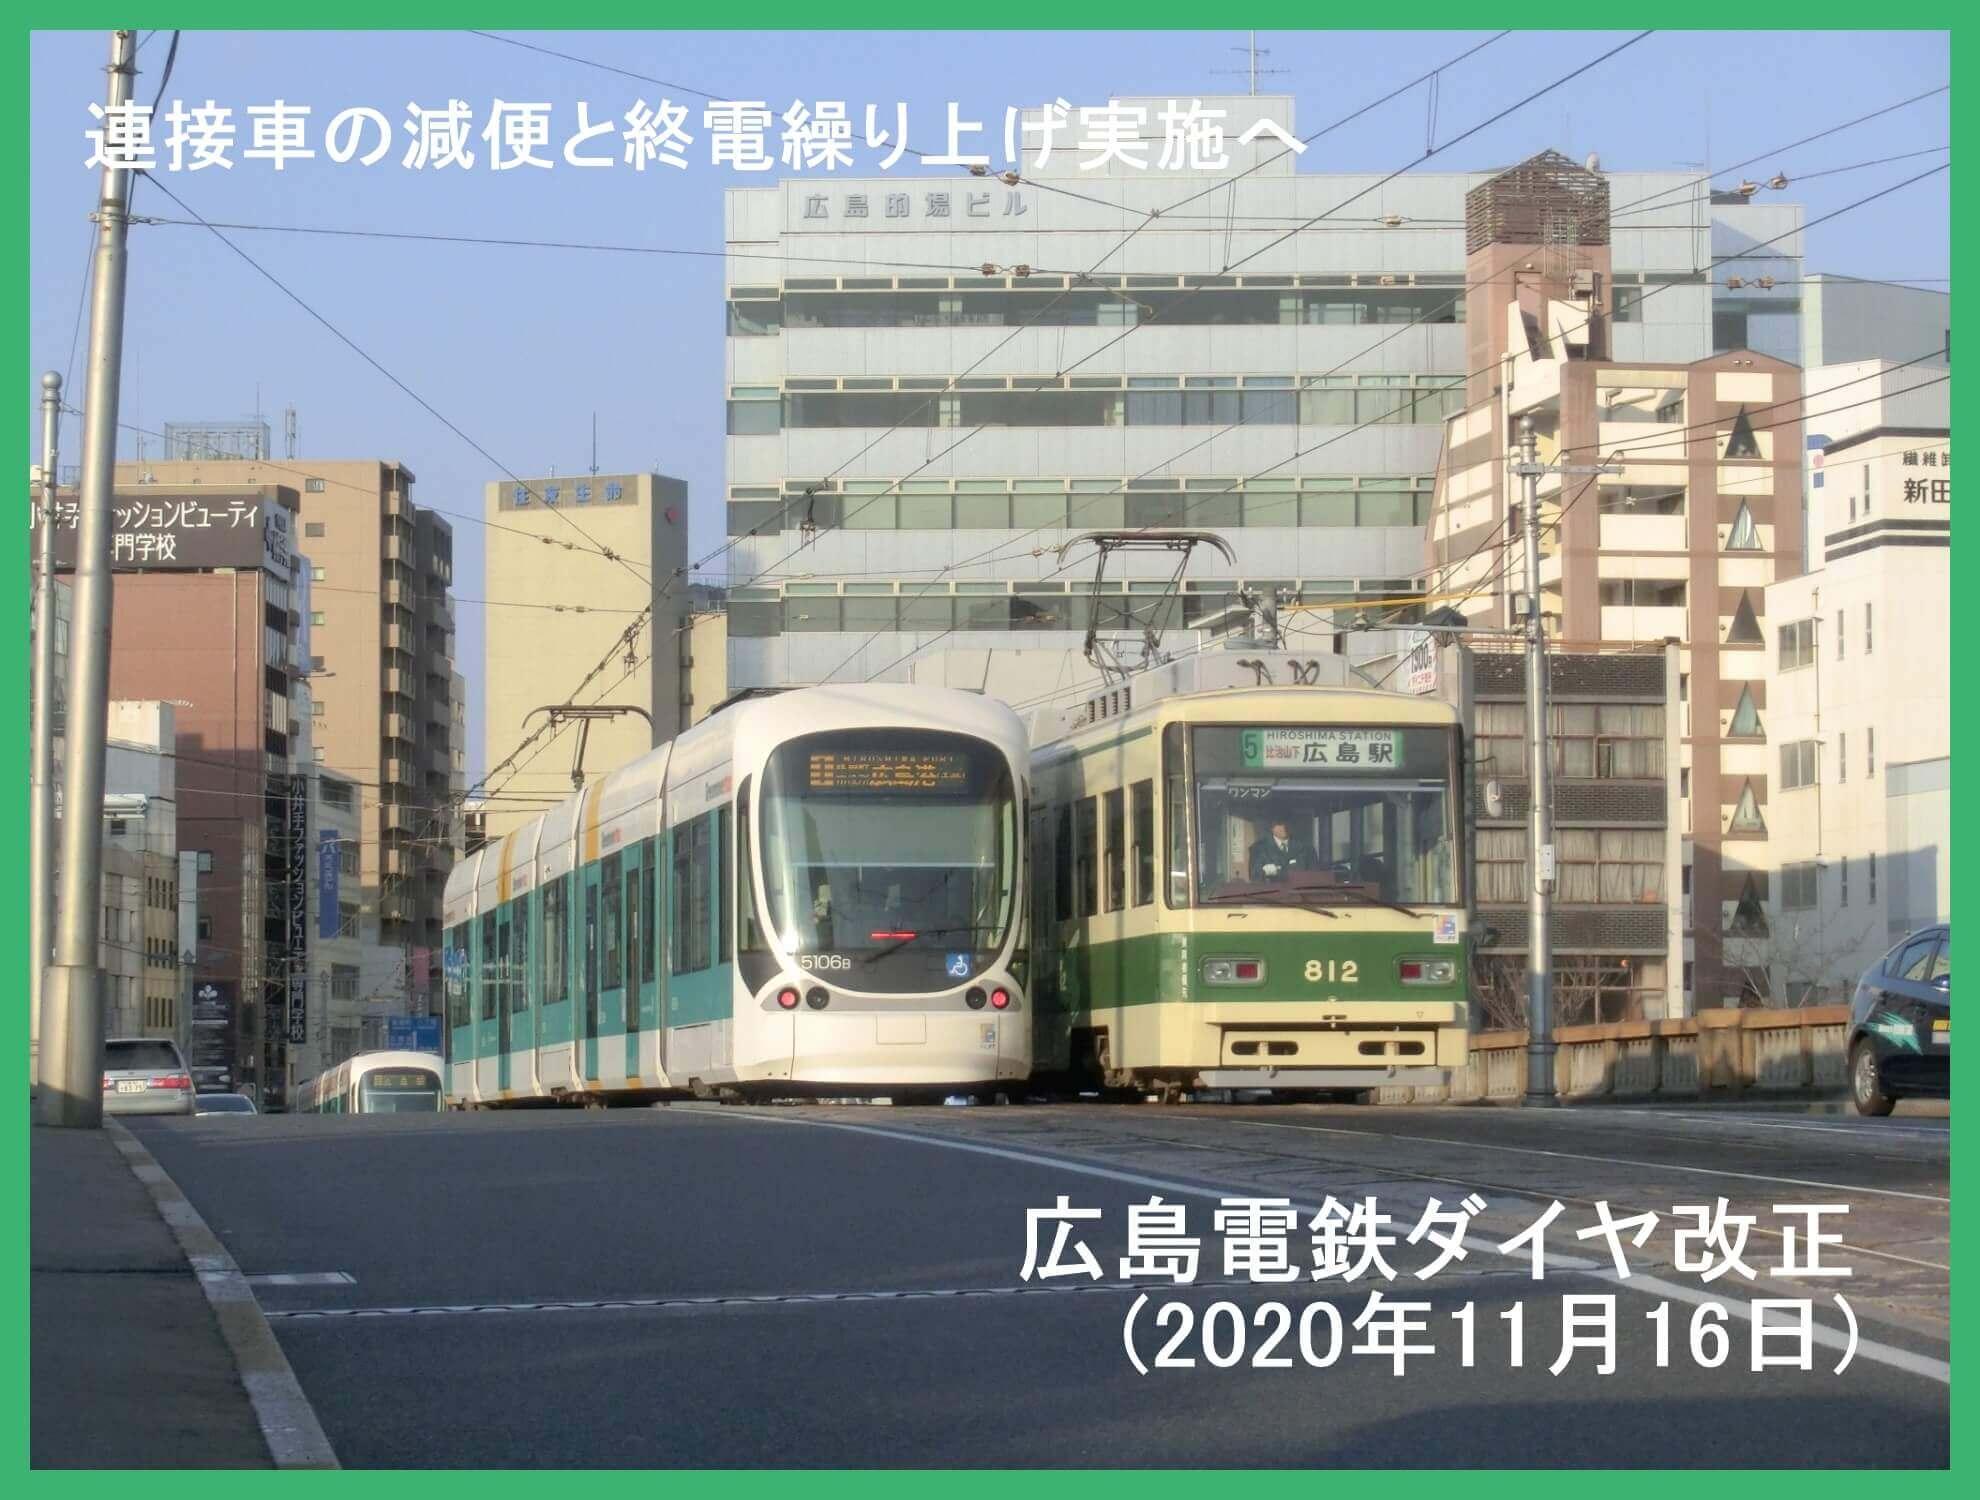 連接車の減便と終電繰り上げ実施へ 広島電鉄ダイヤ改正(2020年11月16日)